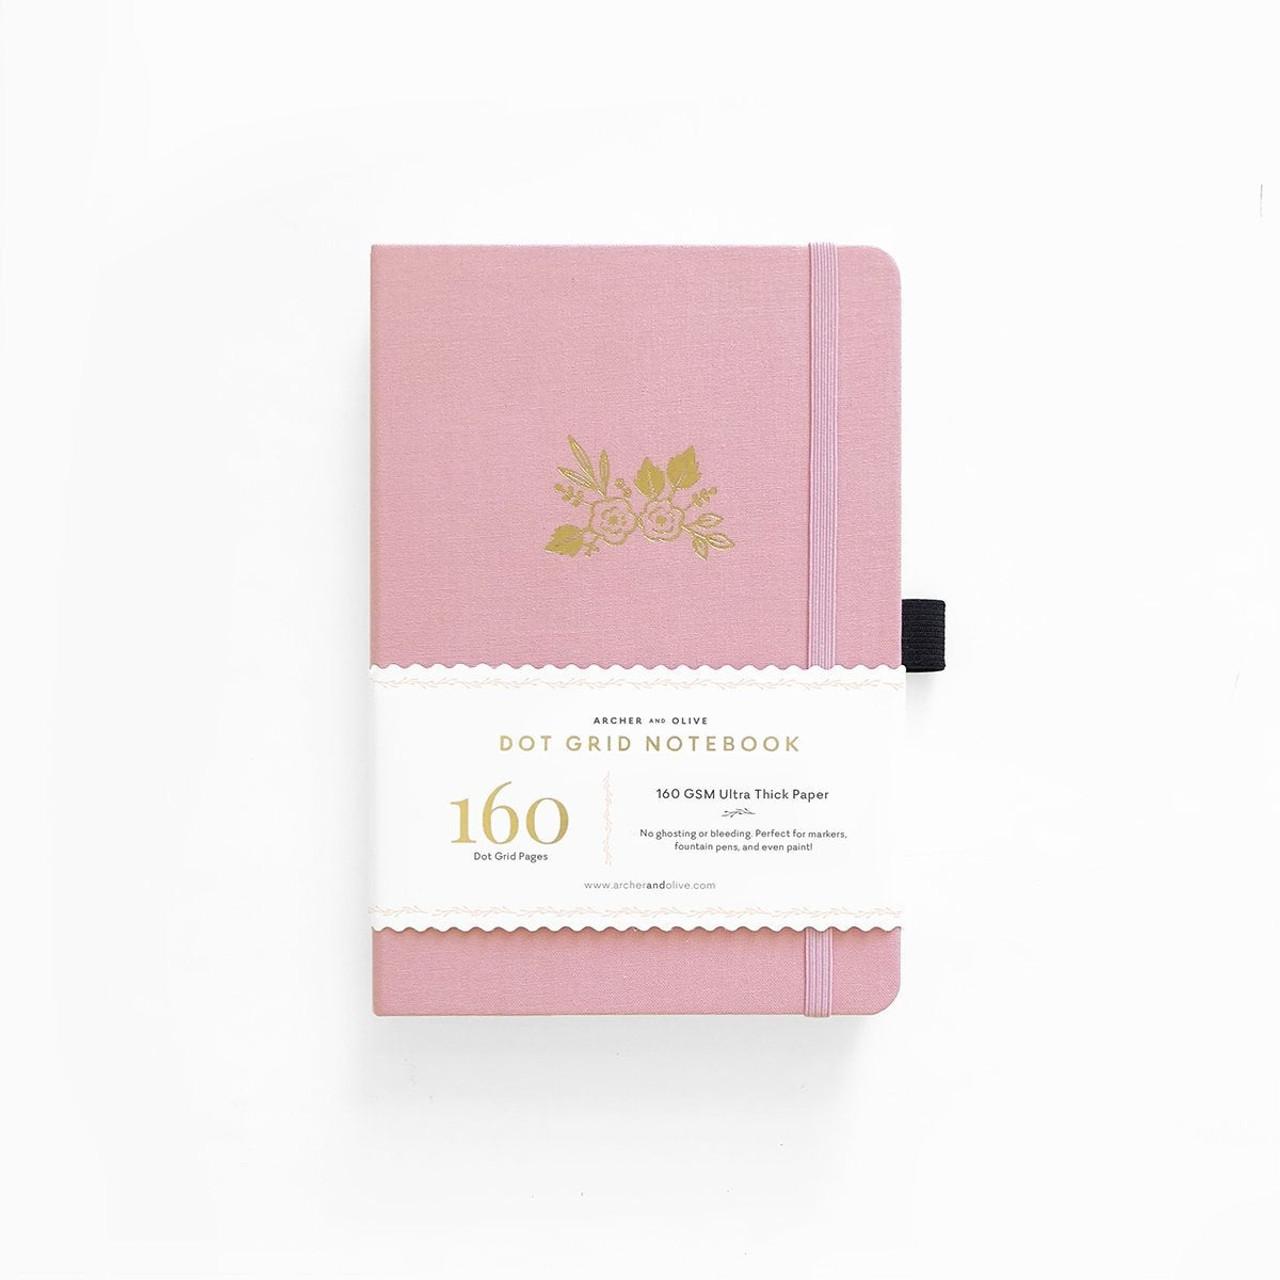 A5 Light Pink Dot Grid Notebook by Archer & Olive